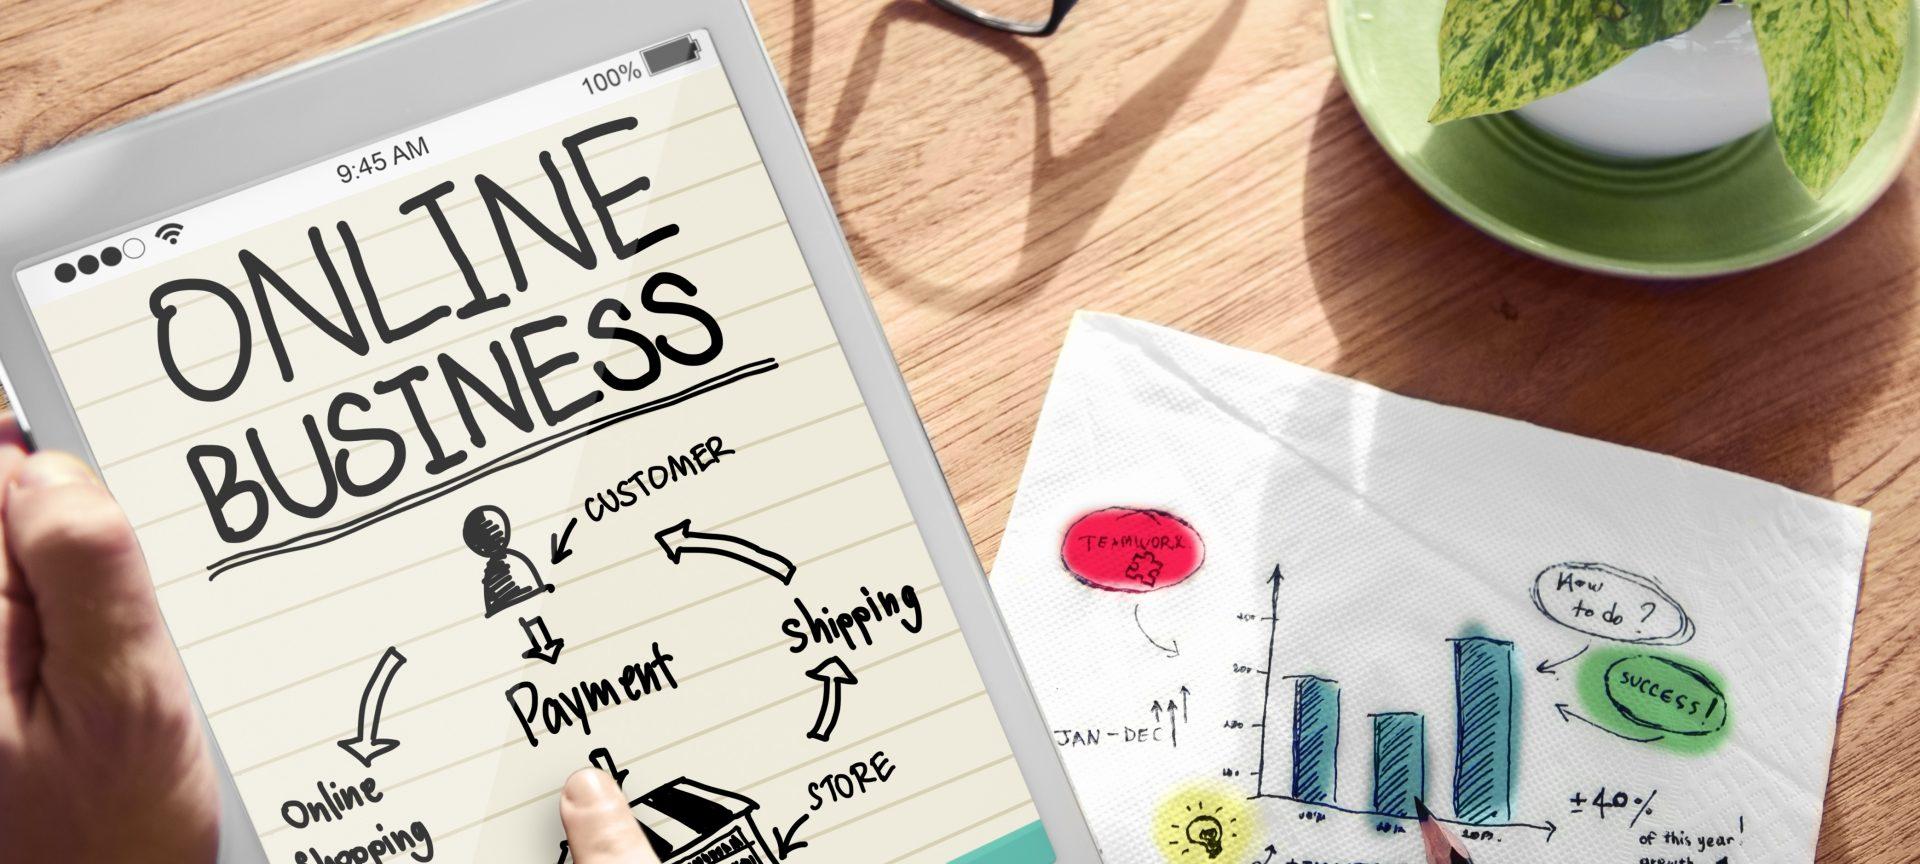 idei de afaceri cum să faci bani mari)